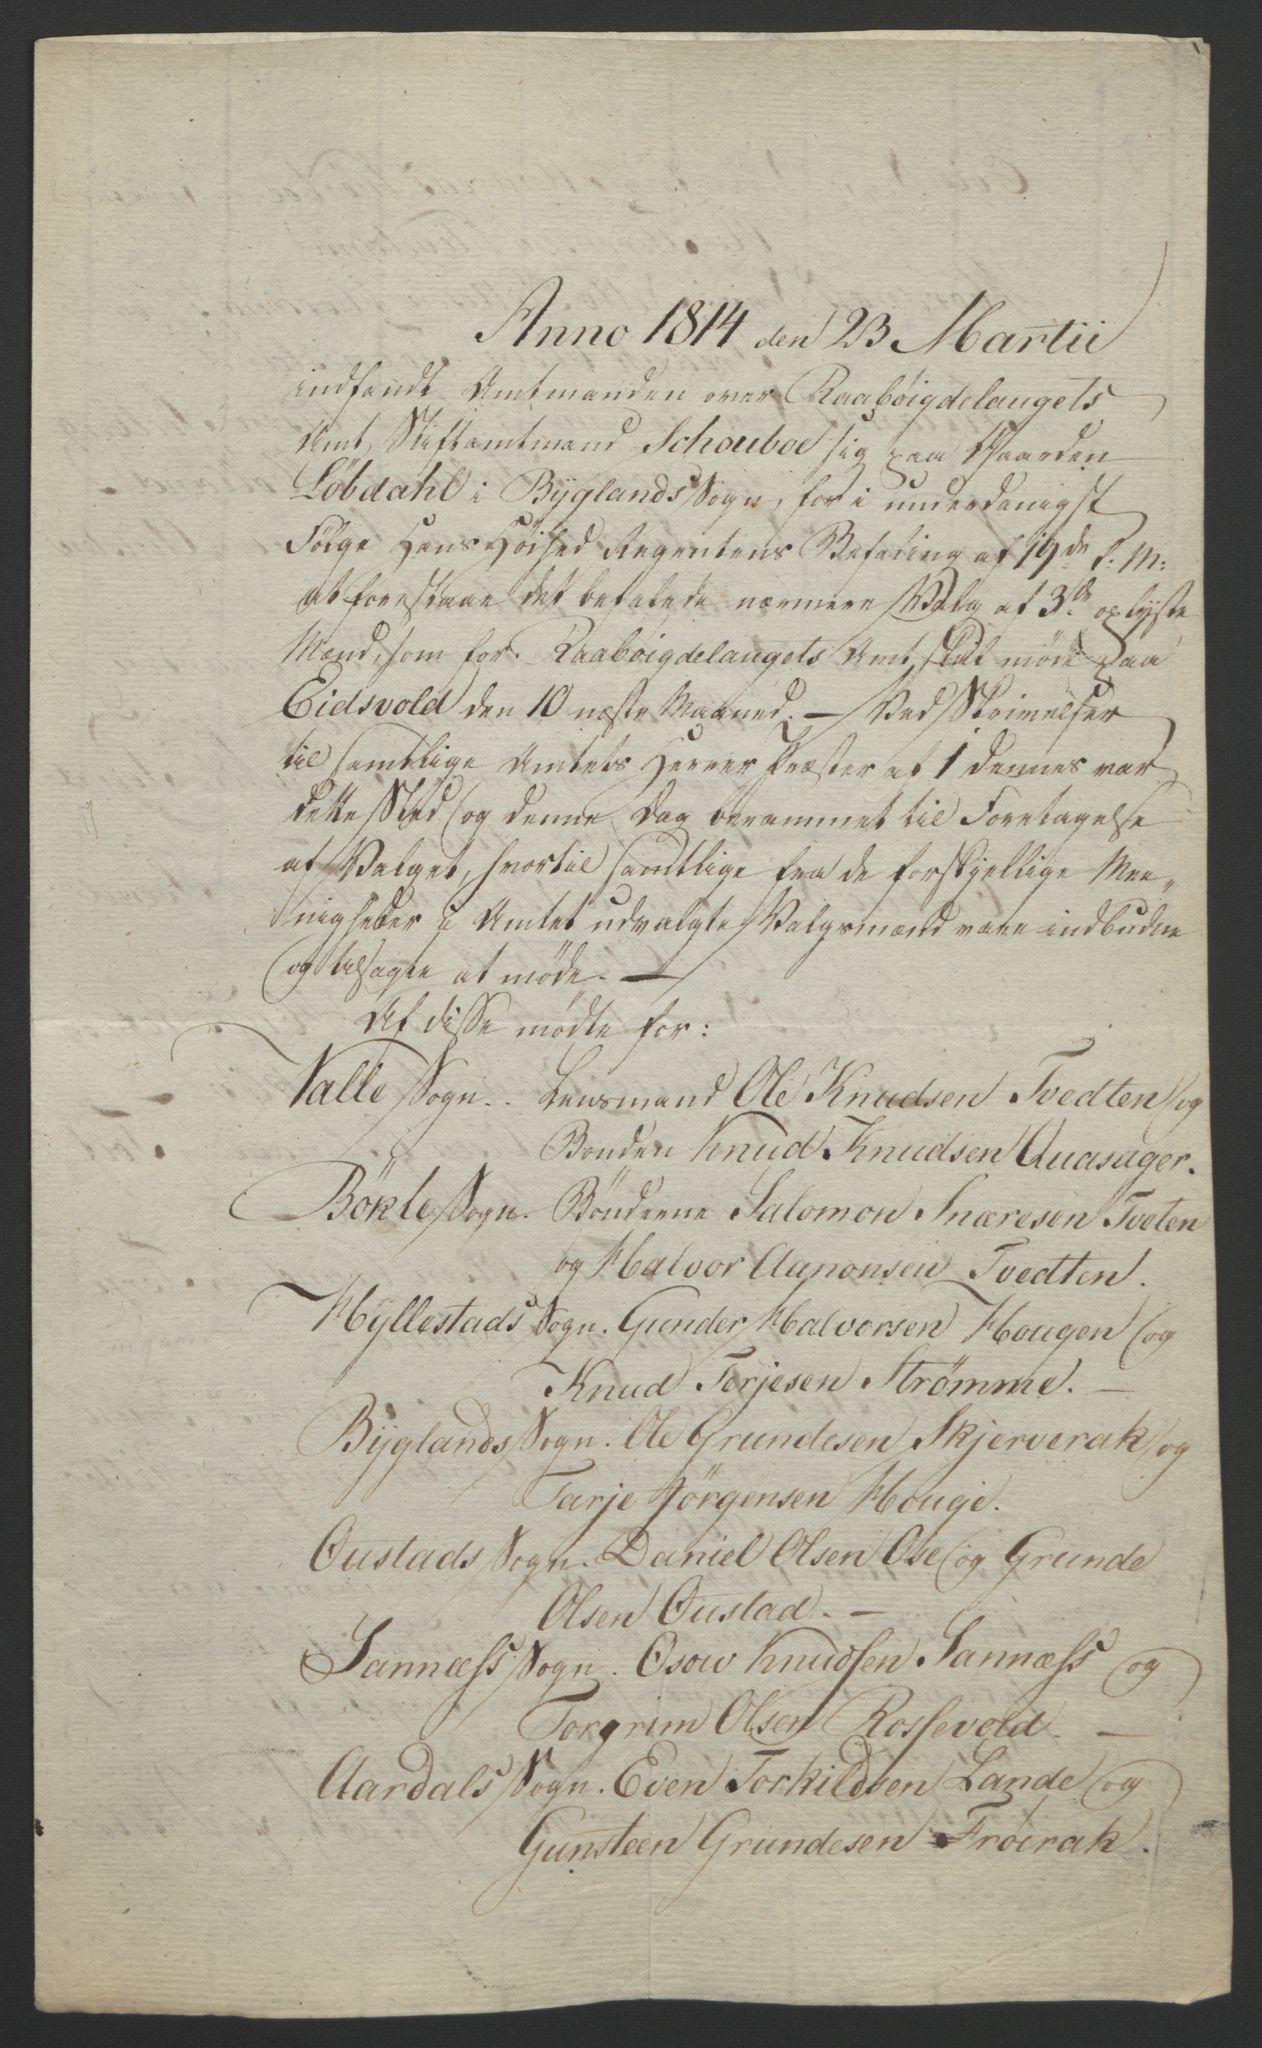 RA, Statsrådssekretariatet, D/Db/L0008: Fullmakter for Eidsvollsrepresentantene i 1814. , 1814, s. 103